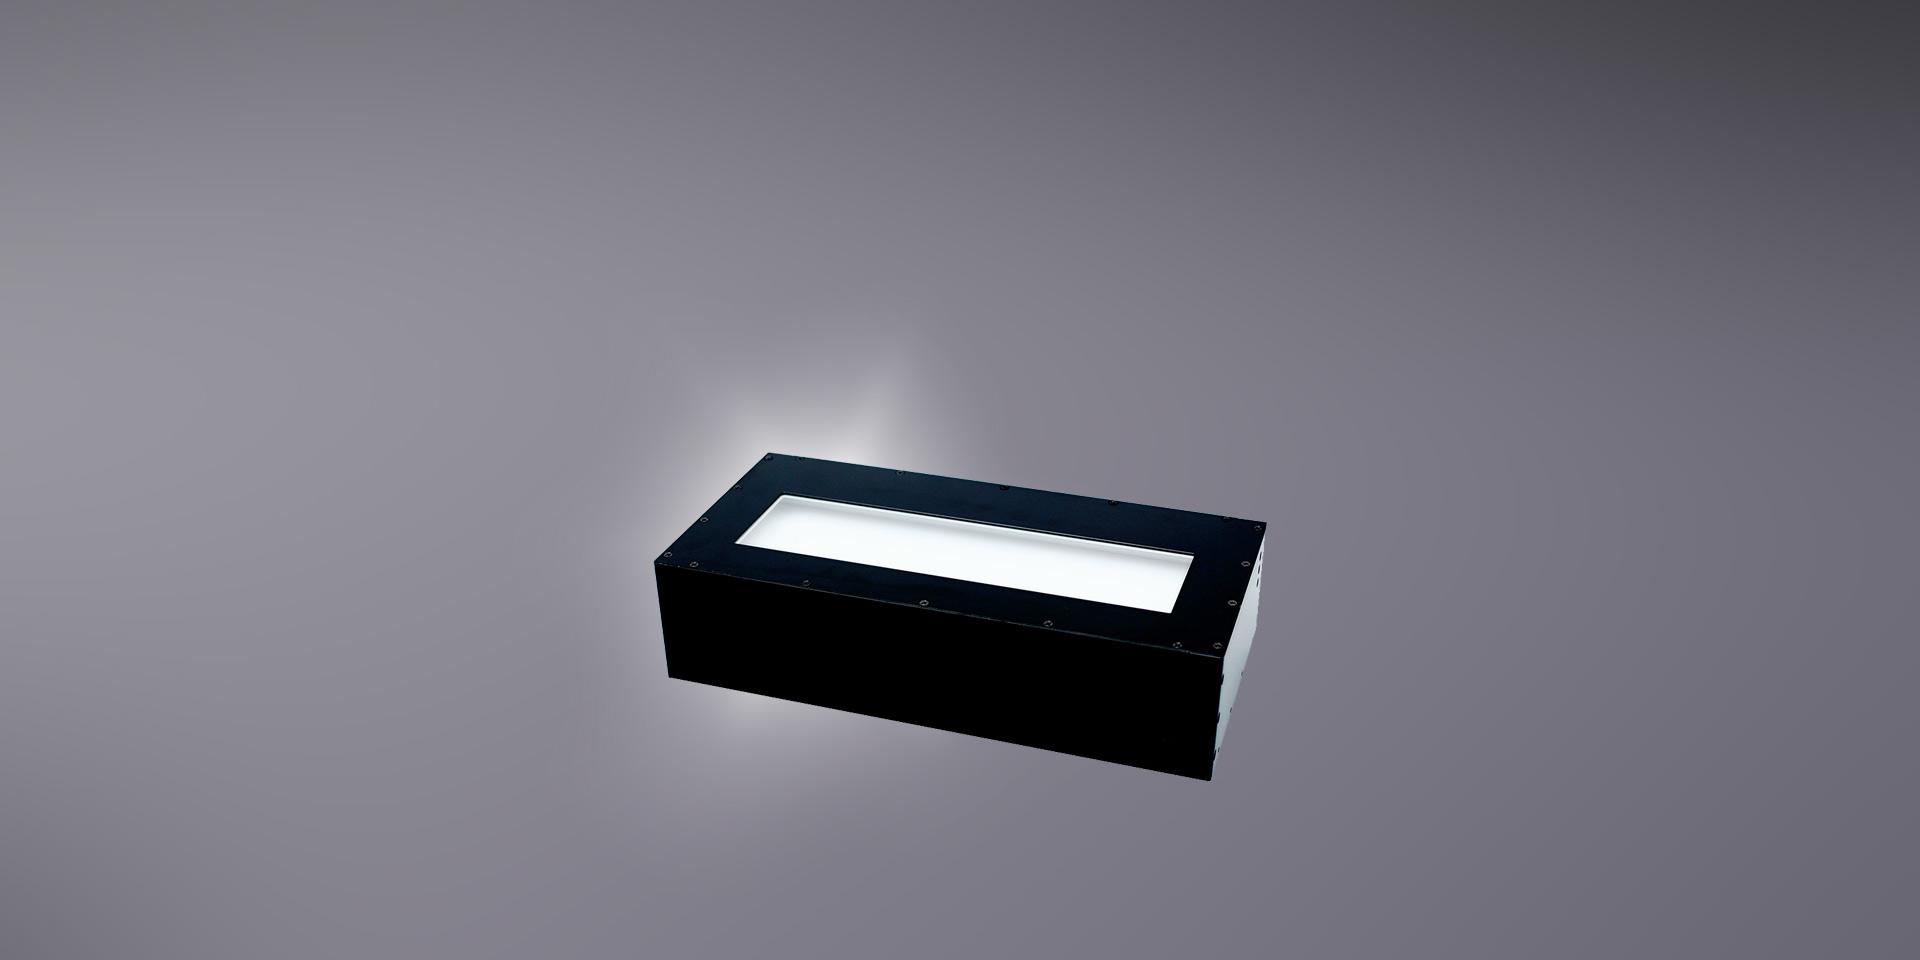 机器视觉光源的常见问题